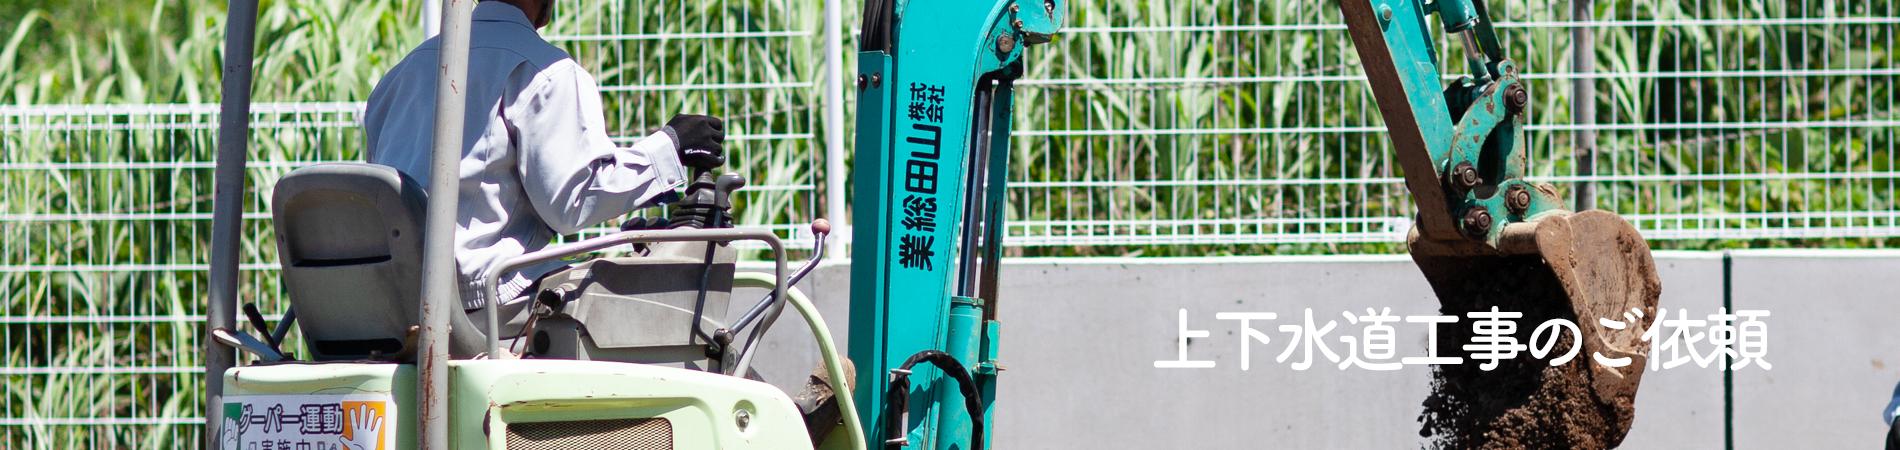 水まわりのトラブルは山田総業|千葉県船橋市の上下水道の工事会社